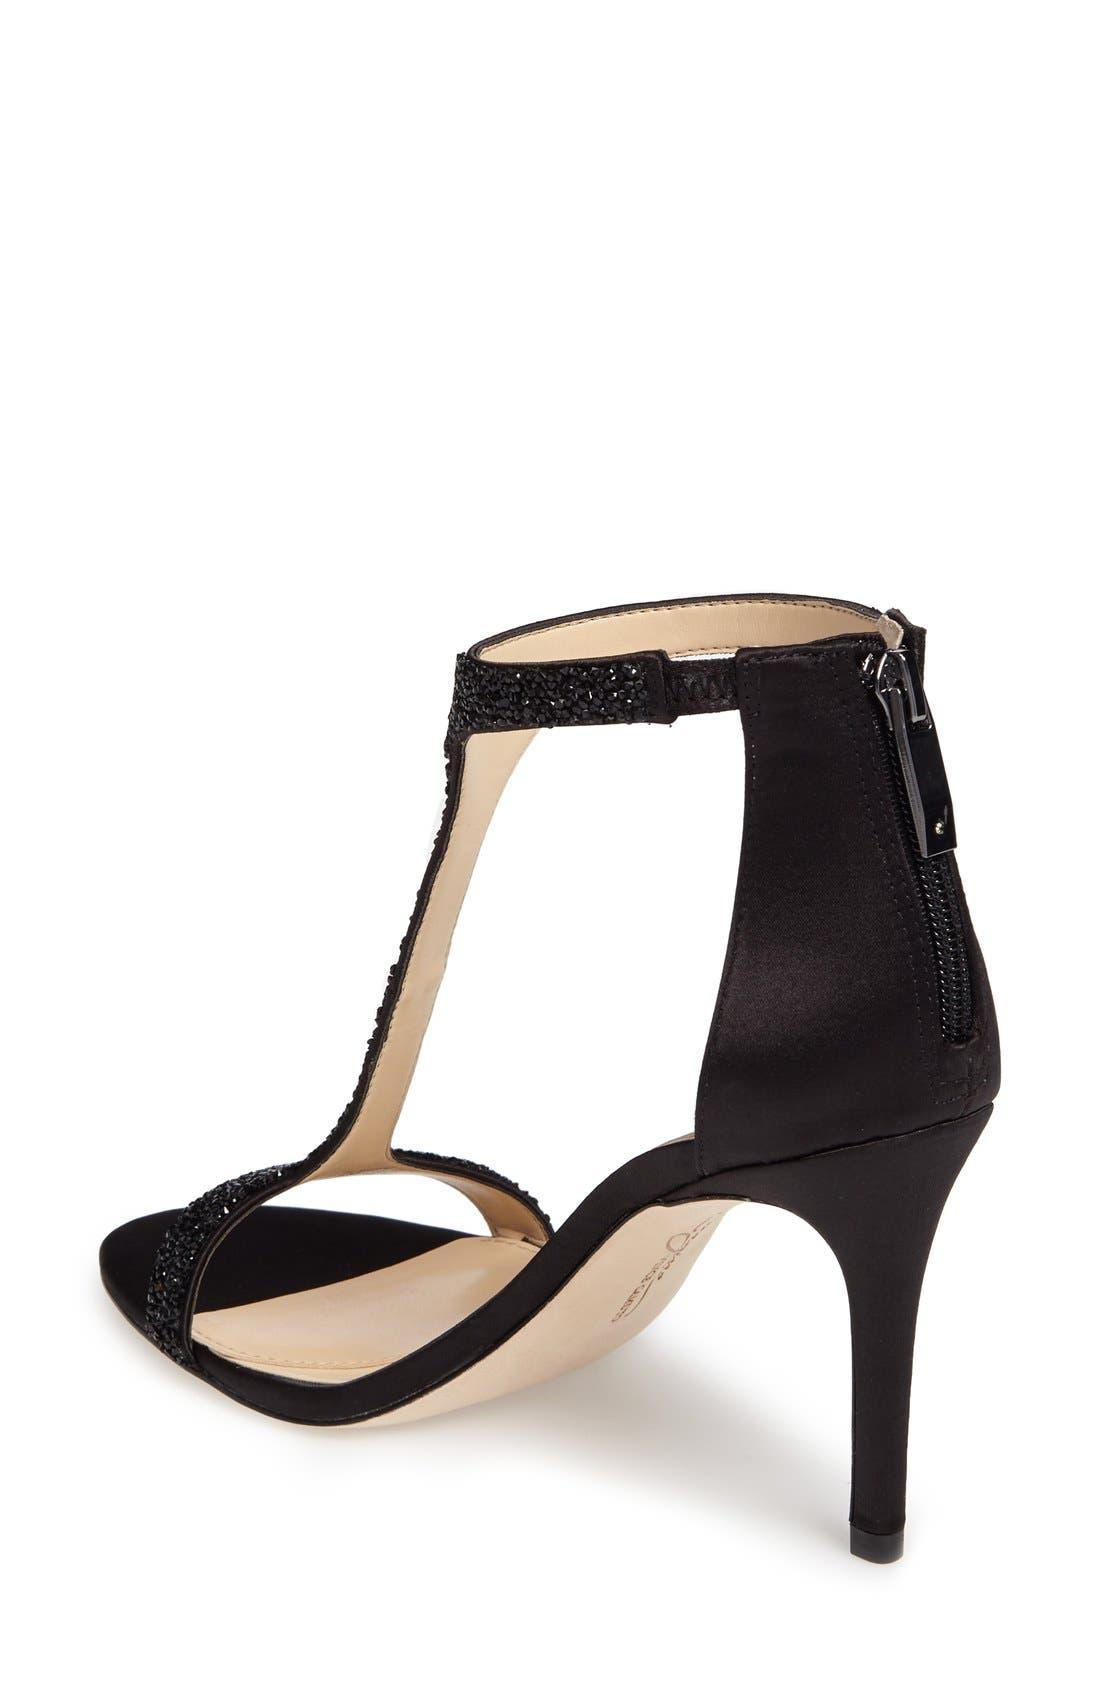 'Phoebe' Embellished T-Strap Sandal,                             Alternate thumbnail 2, color,                             Black Satin